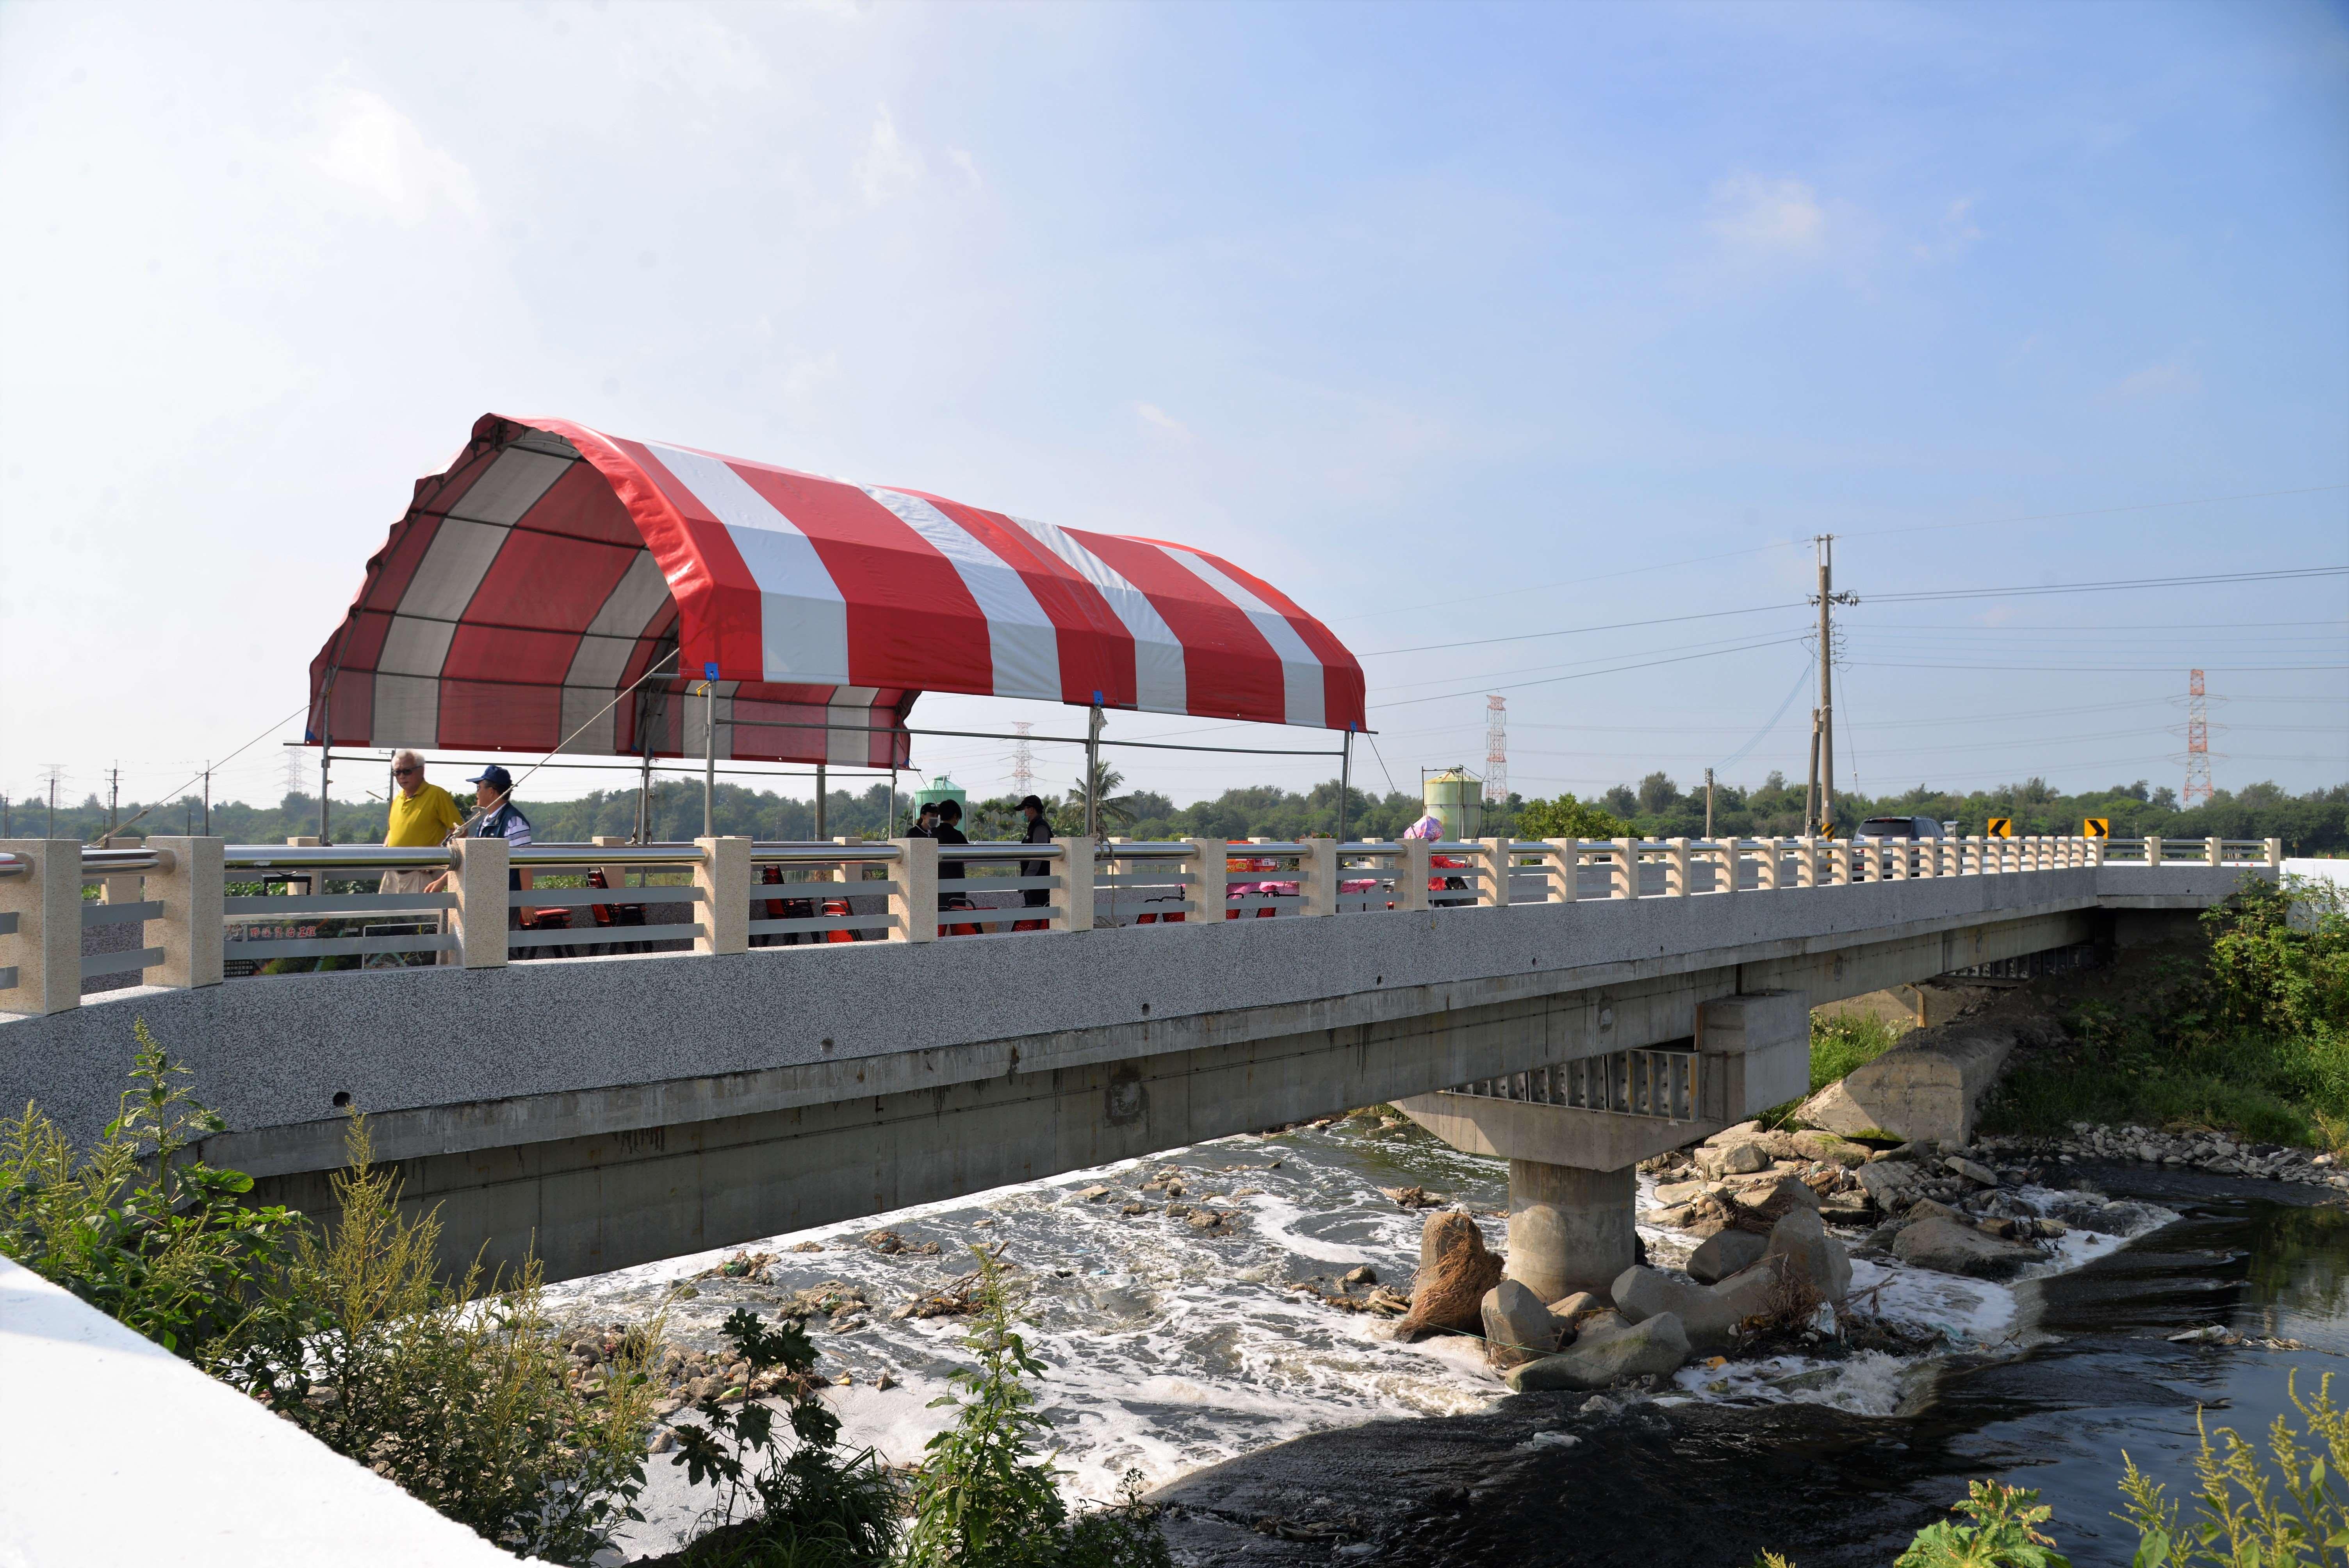 崙背鄉八角亭大排橋梁「草湖二號橋」早於今年6月中旬完工通行